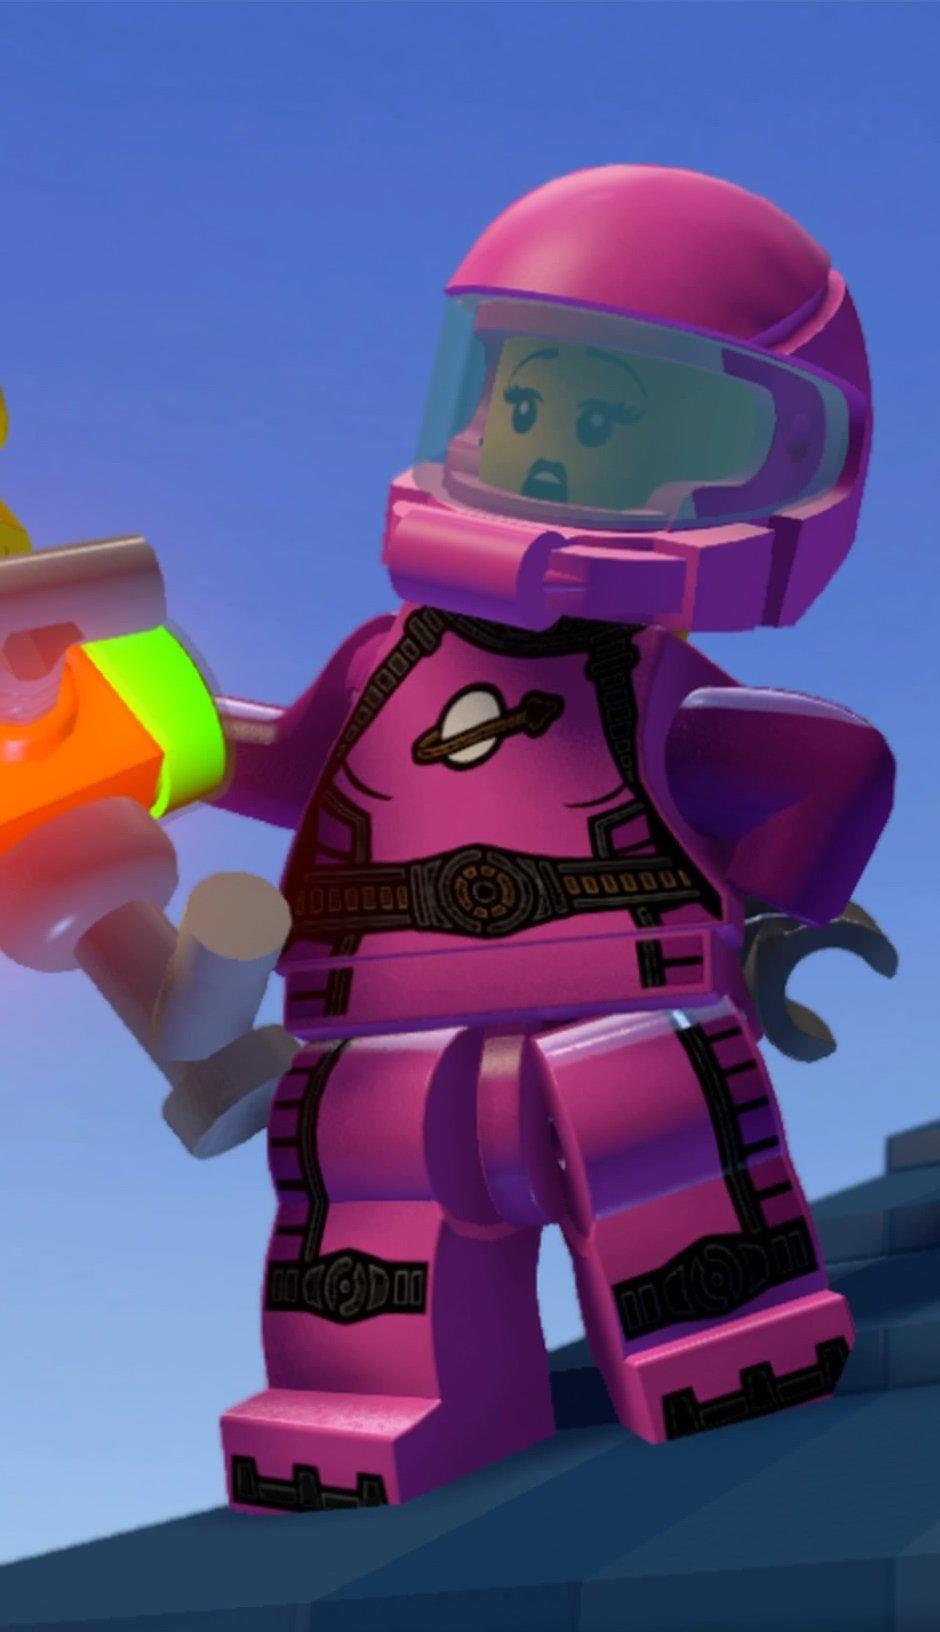 Разбираем LEGO Worlds — идеальный «майнкрафт» для детей - Изображение 2